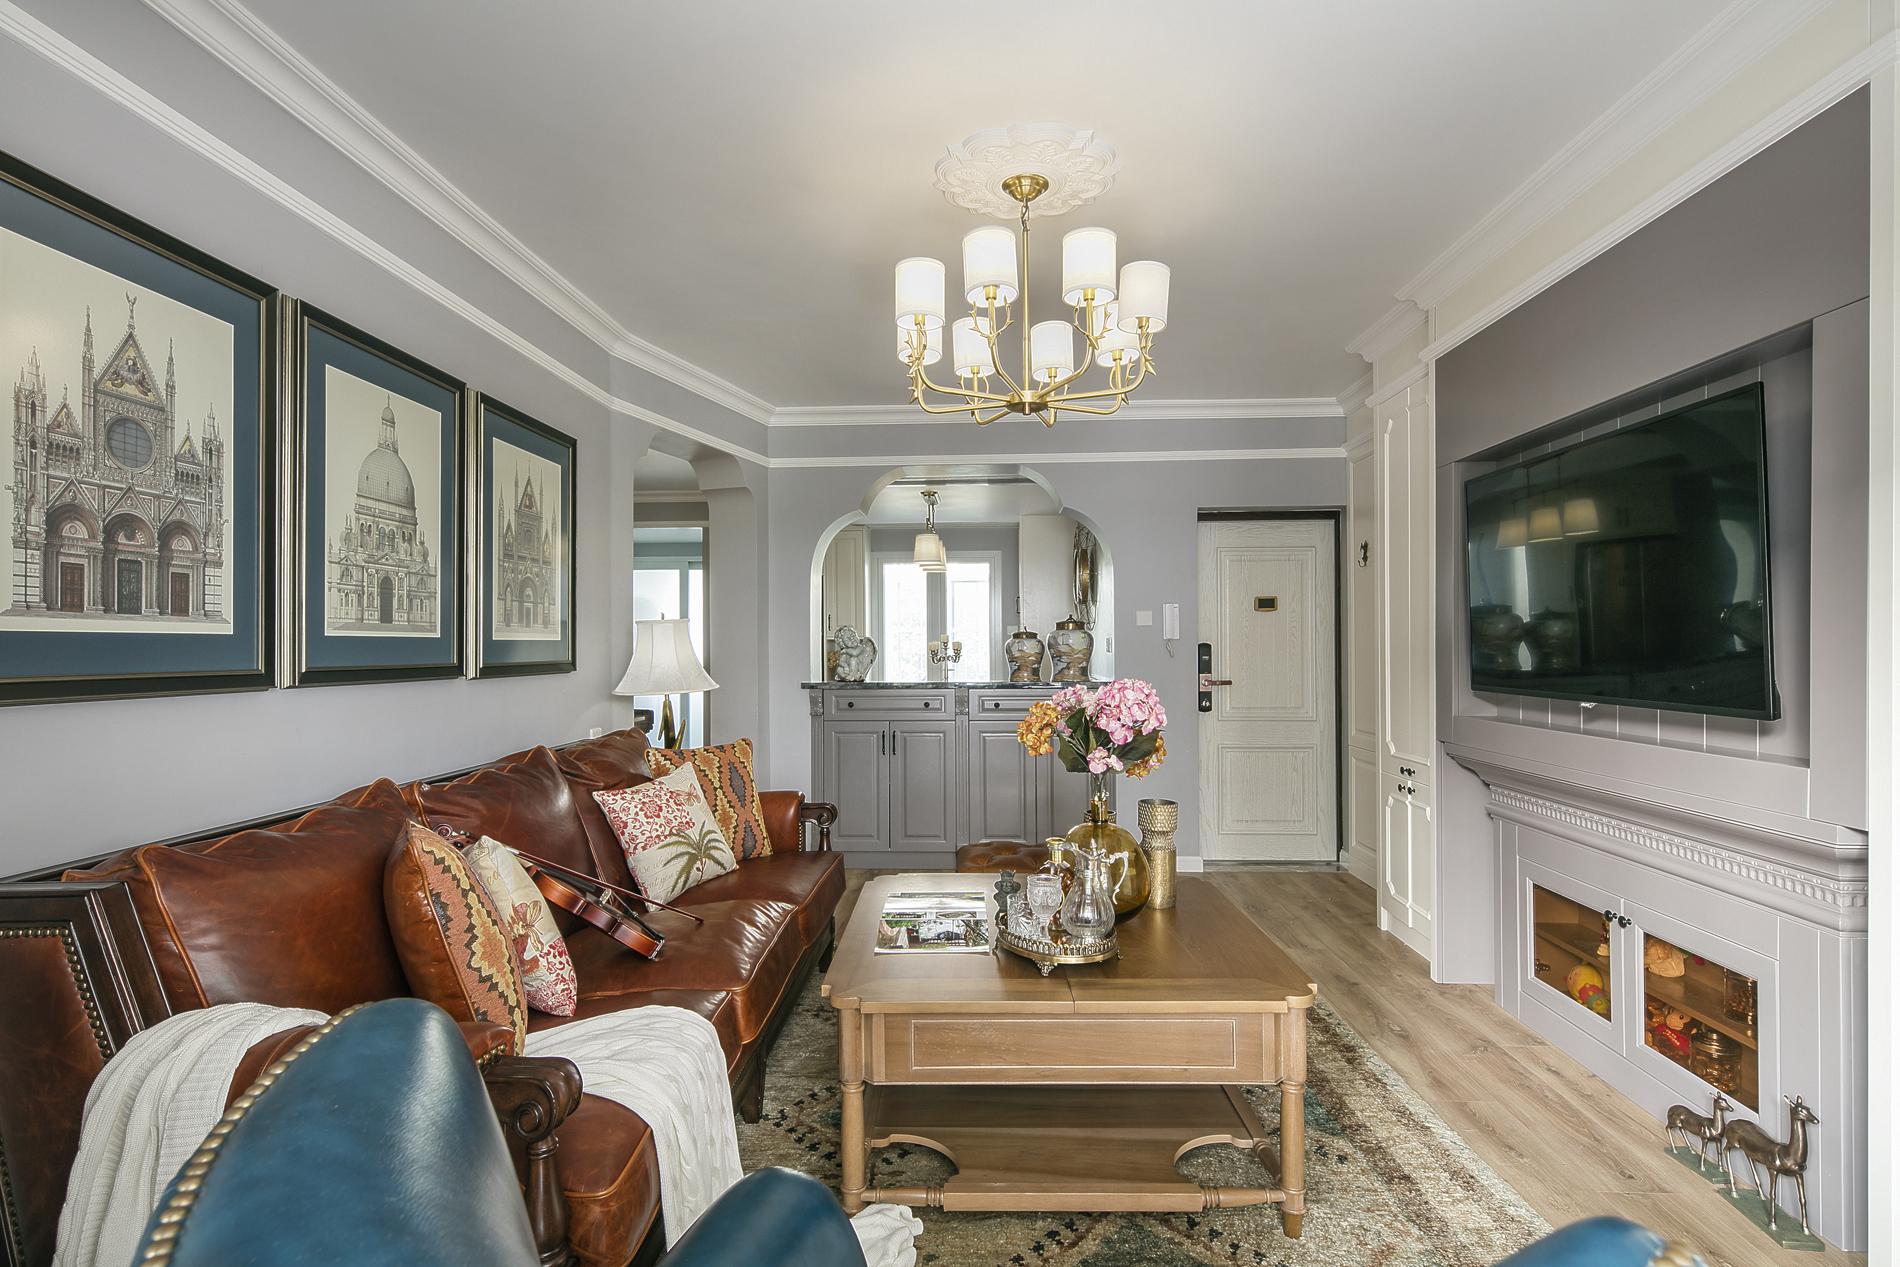 低奢美式风格家装修客厅顶面设计